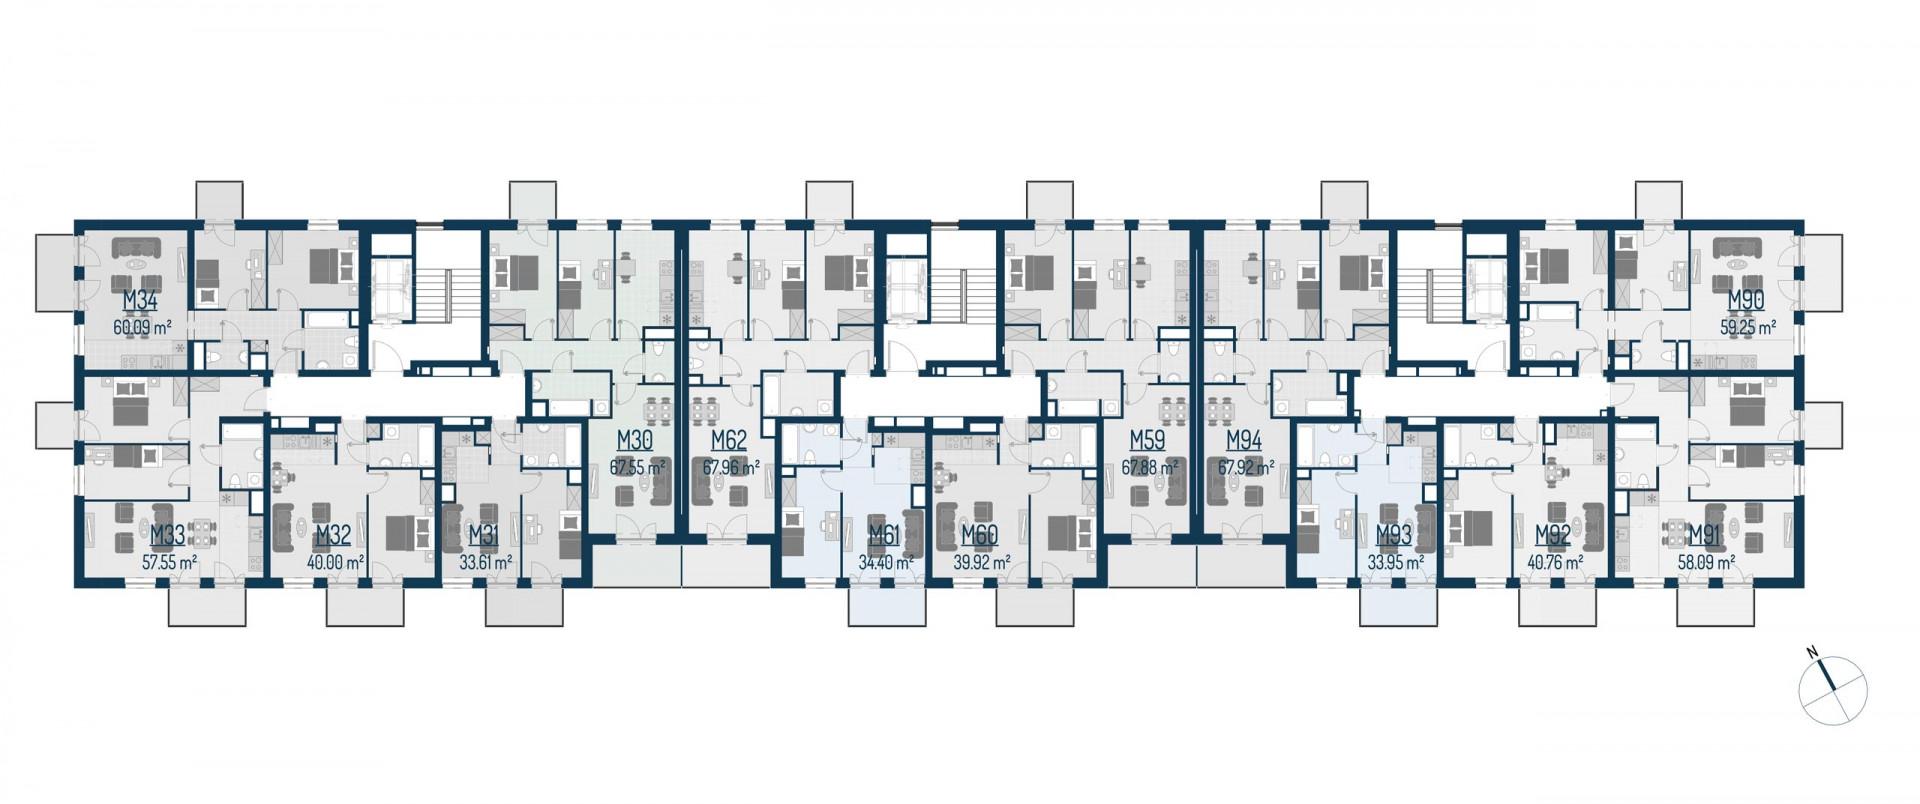 Zdrowe Stylove / budynek 1 / mieszkanie nr M59 rzut 2